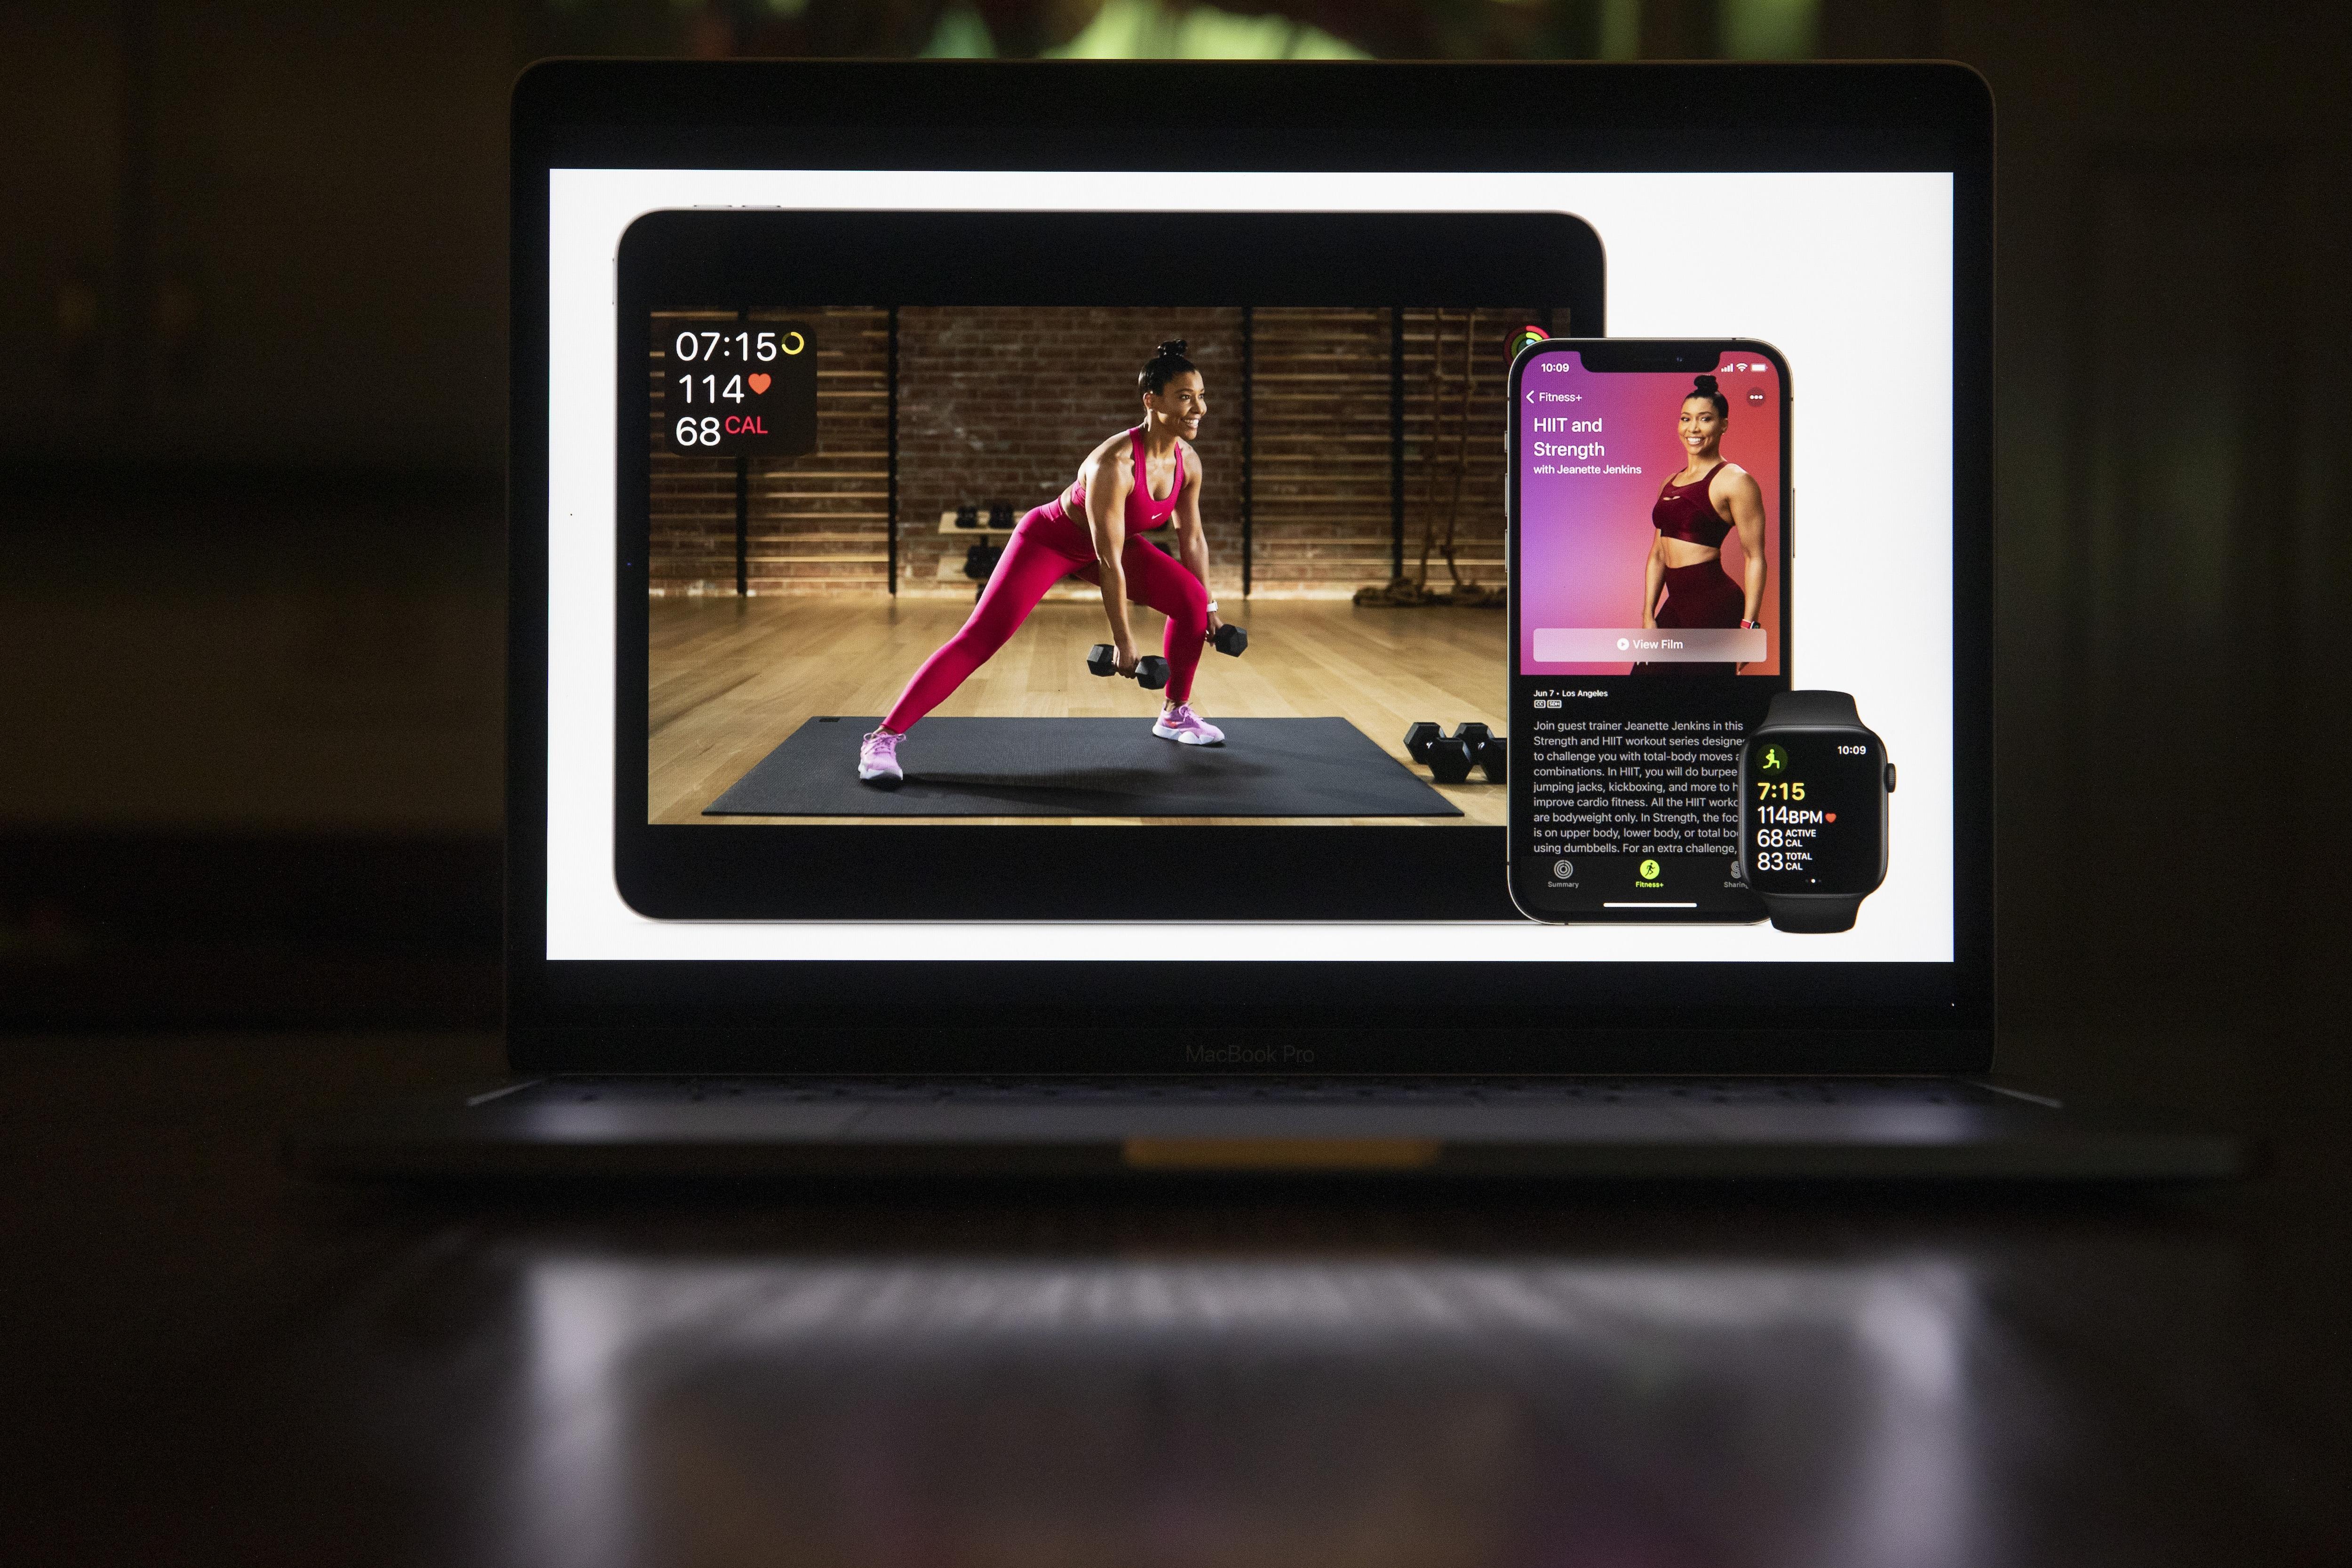 ওয়াচওওস ৮ (watchOS 8) : Apple Fitness+-তে আরও ভালো মিউজি সাপোর্ট থাকছে। ওয়ার্ক আউটের উপর ভিত্তি করে তাতে লেডি গাগার মতো শিল্পীর গান থাকছে। (ছবি সৌজন্য ব্লুমবার্গ)